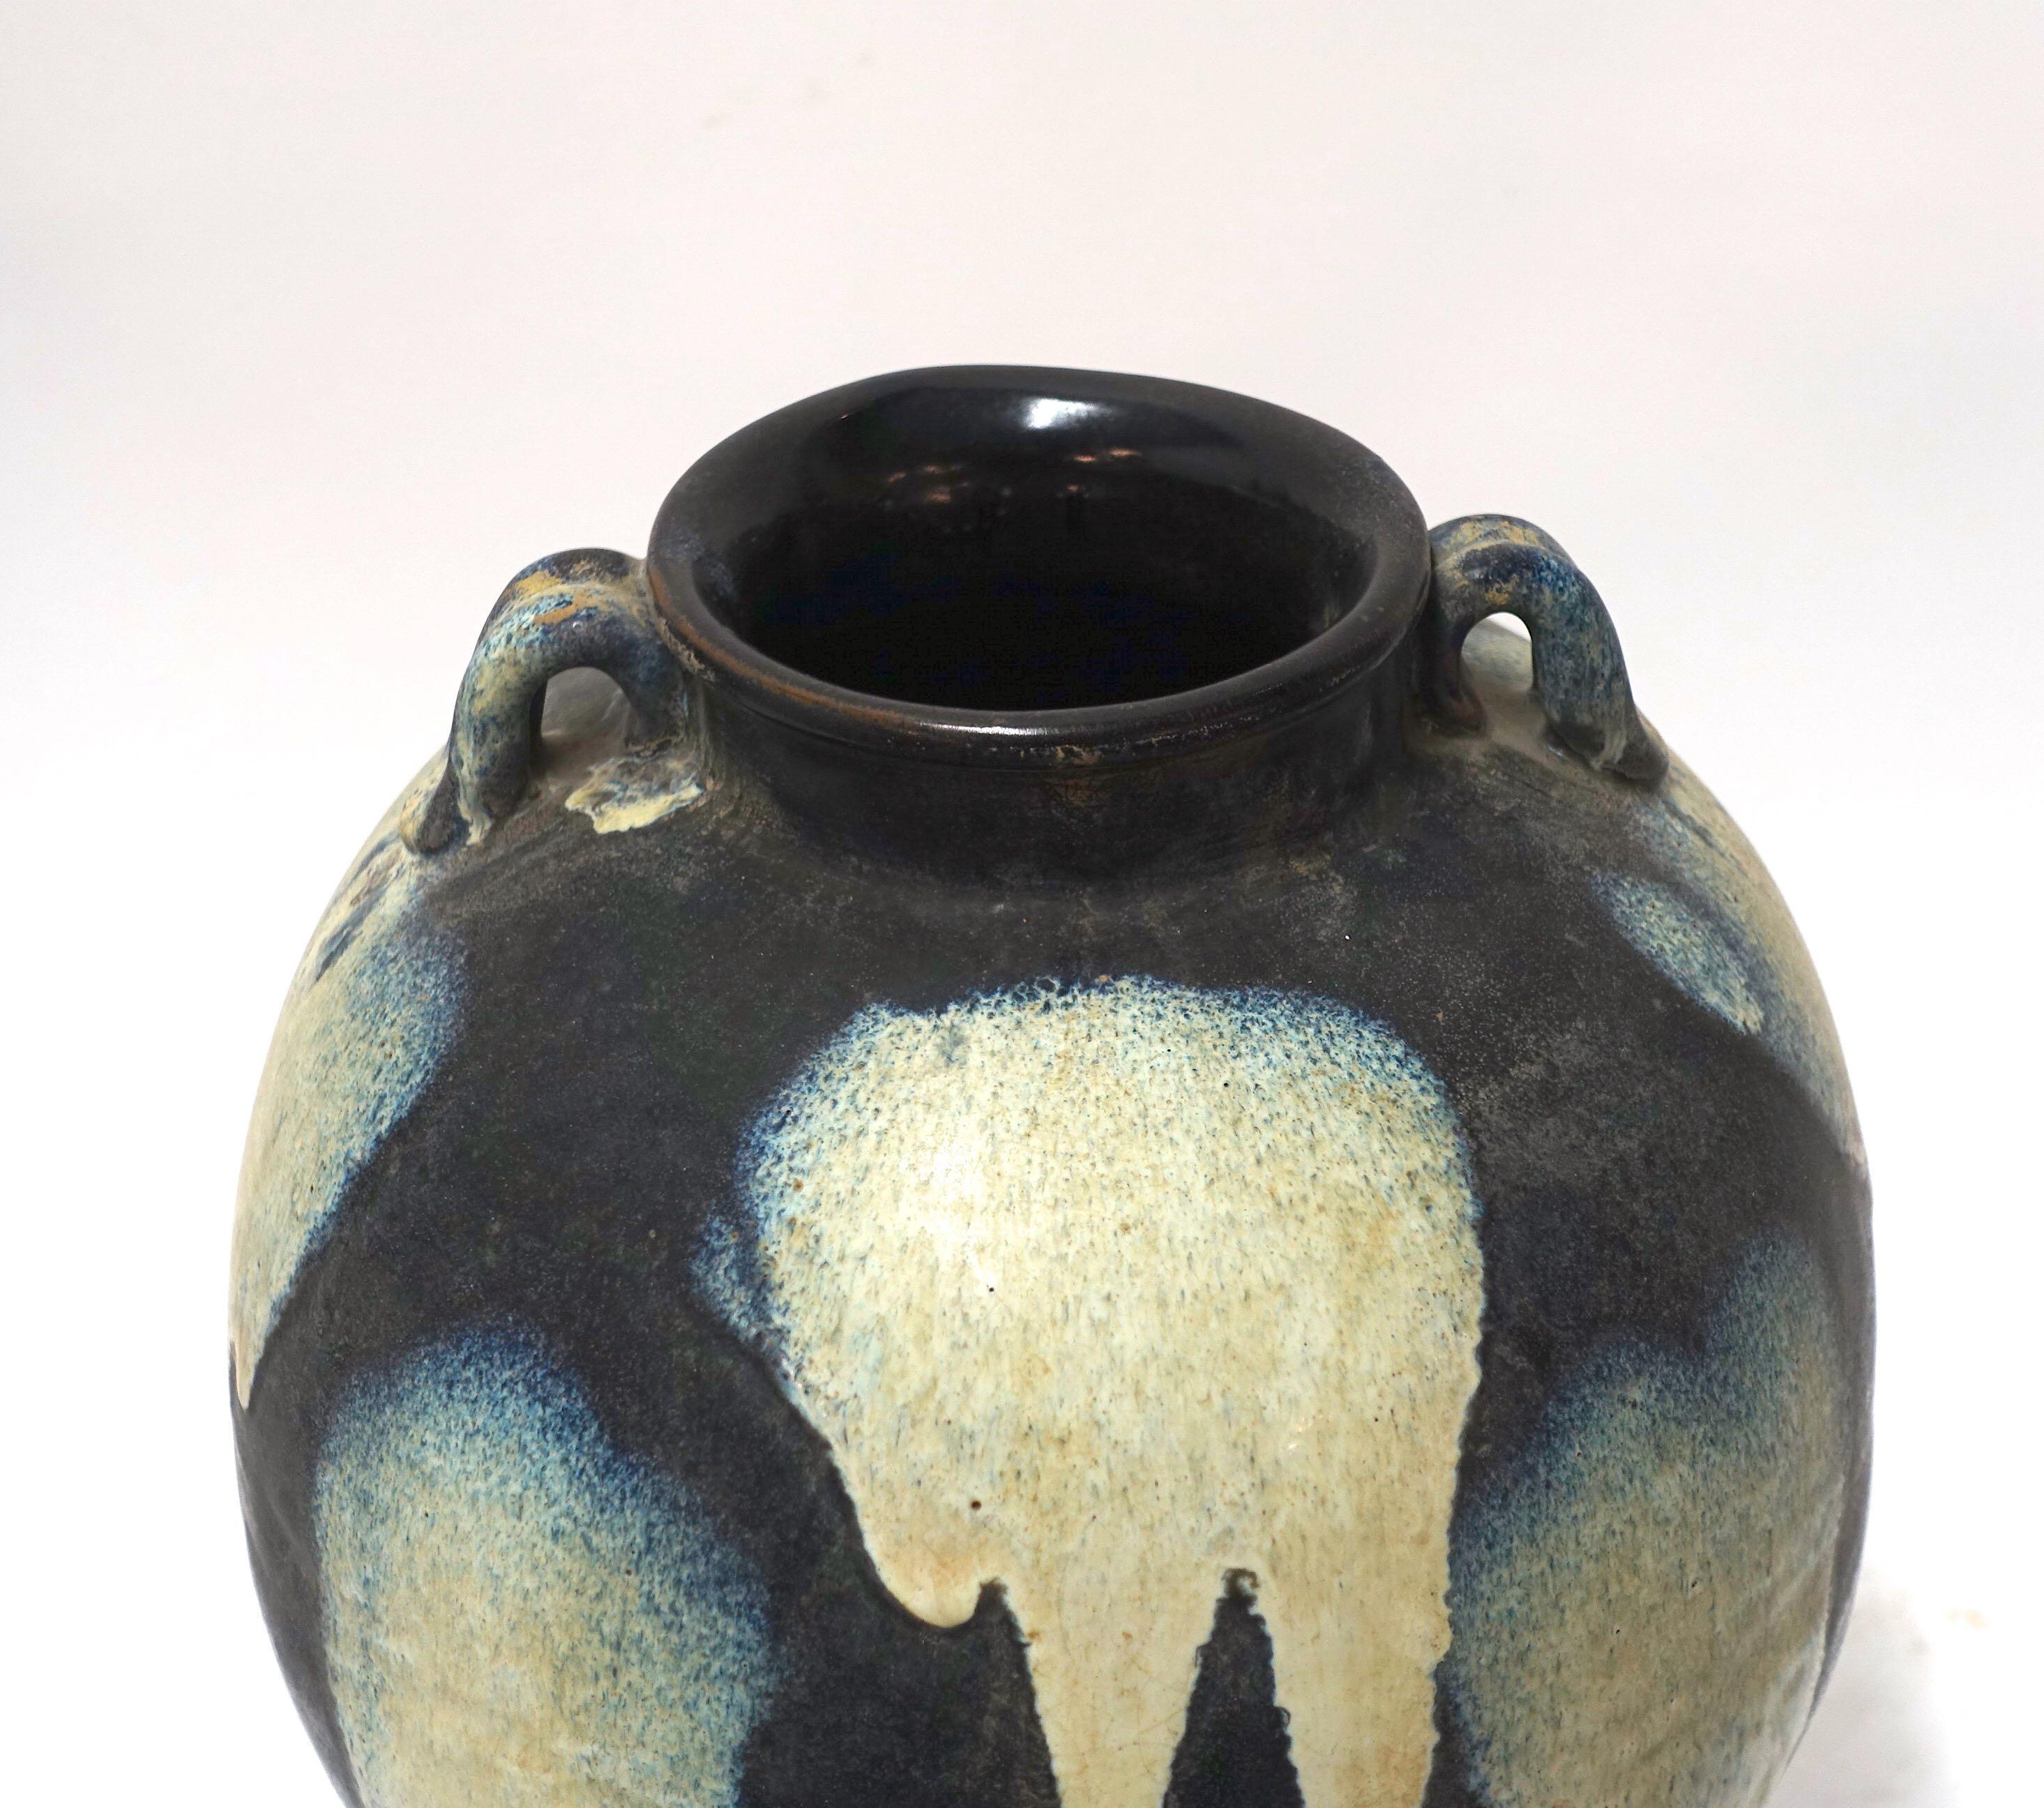 Zwei Große Bodenvasen Vase China Um 1940 Vitrinenobjekte / Objets D'art